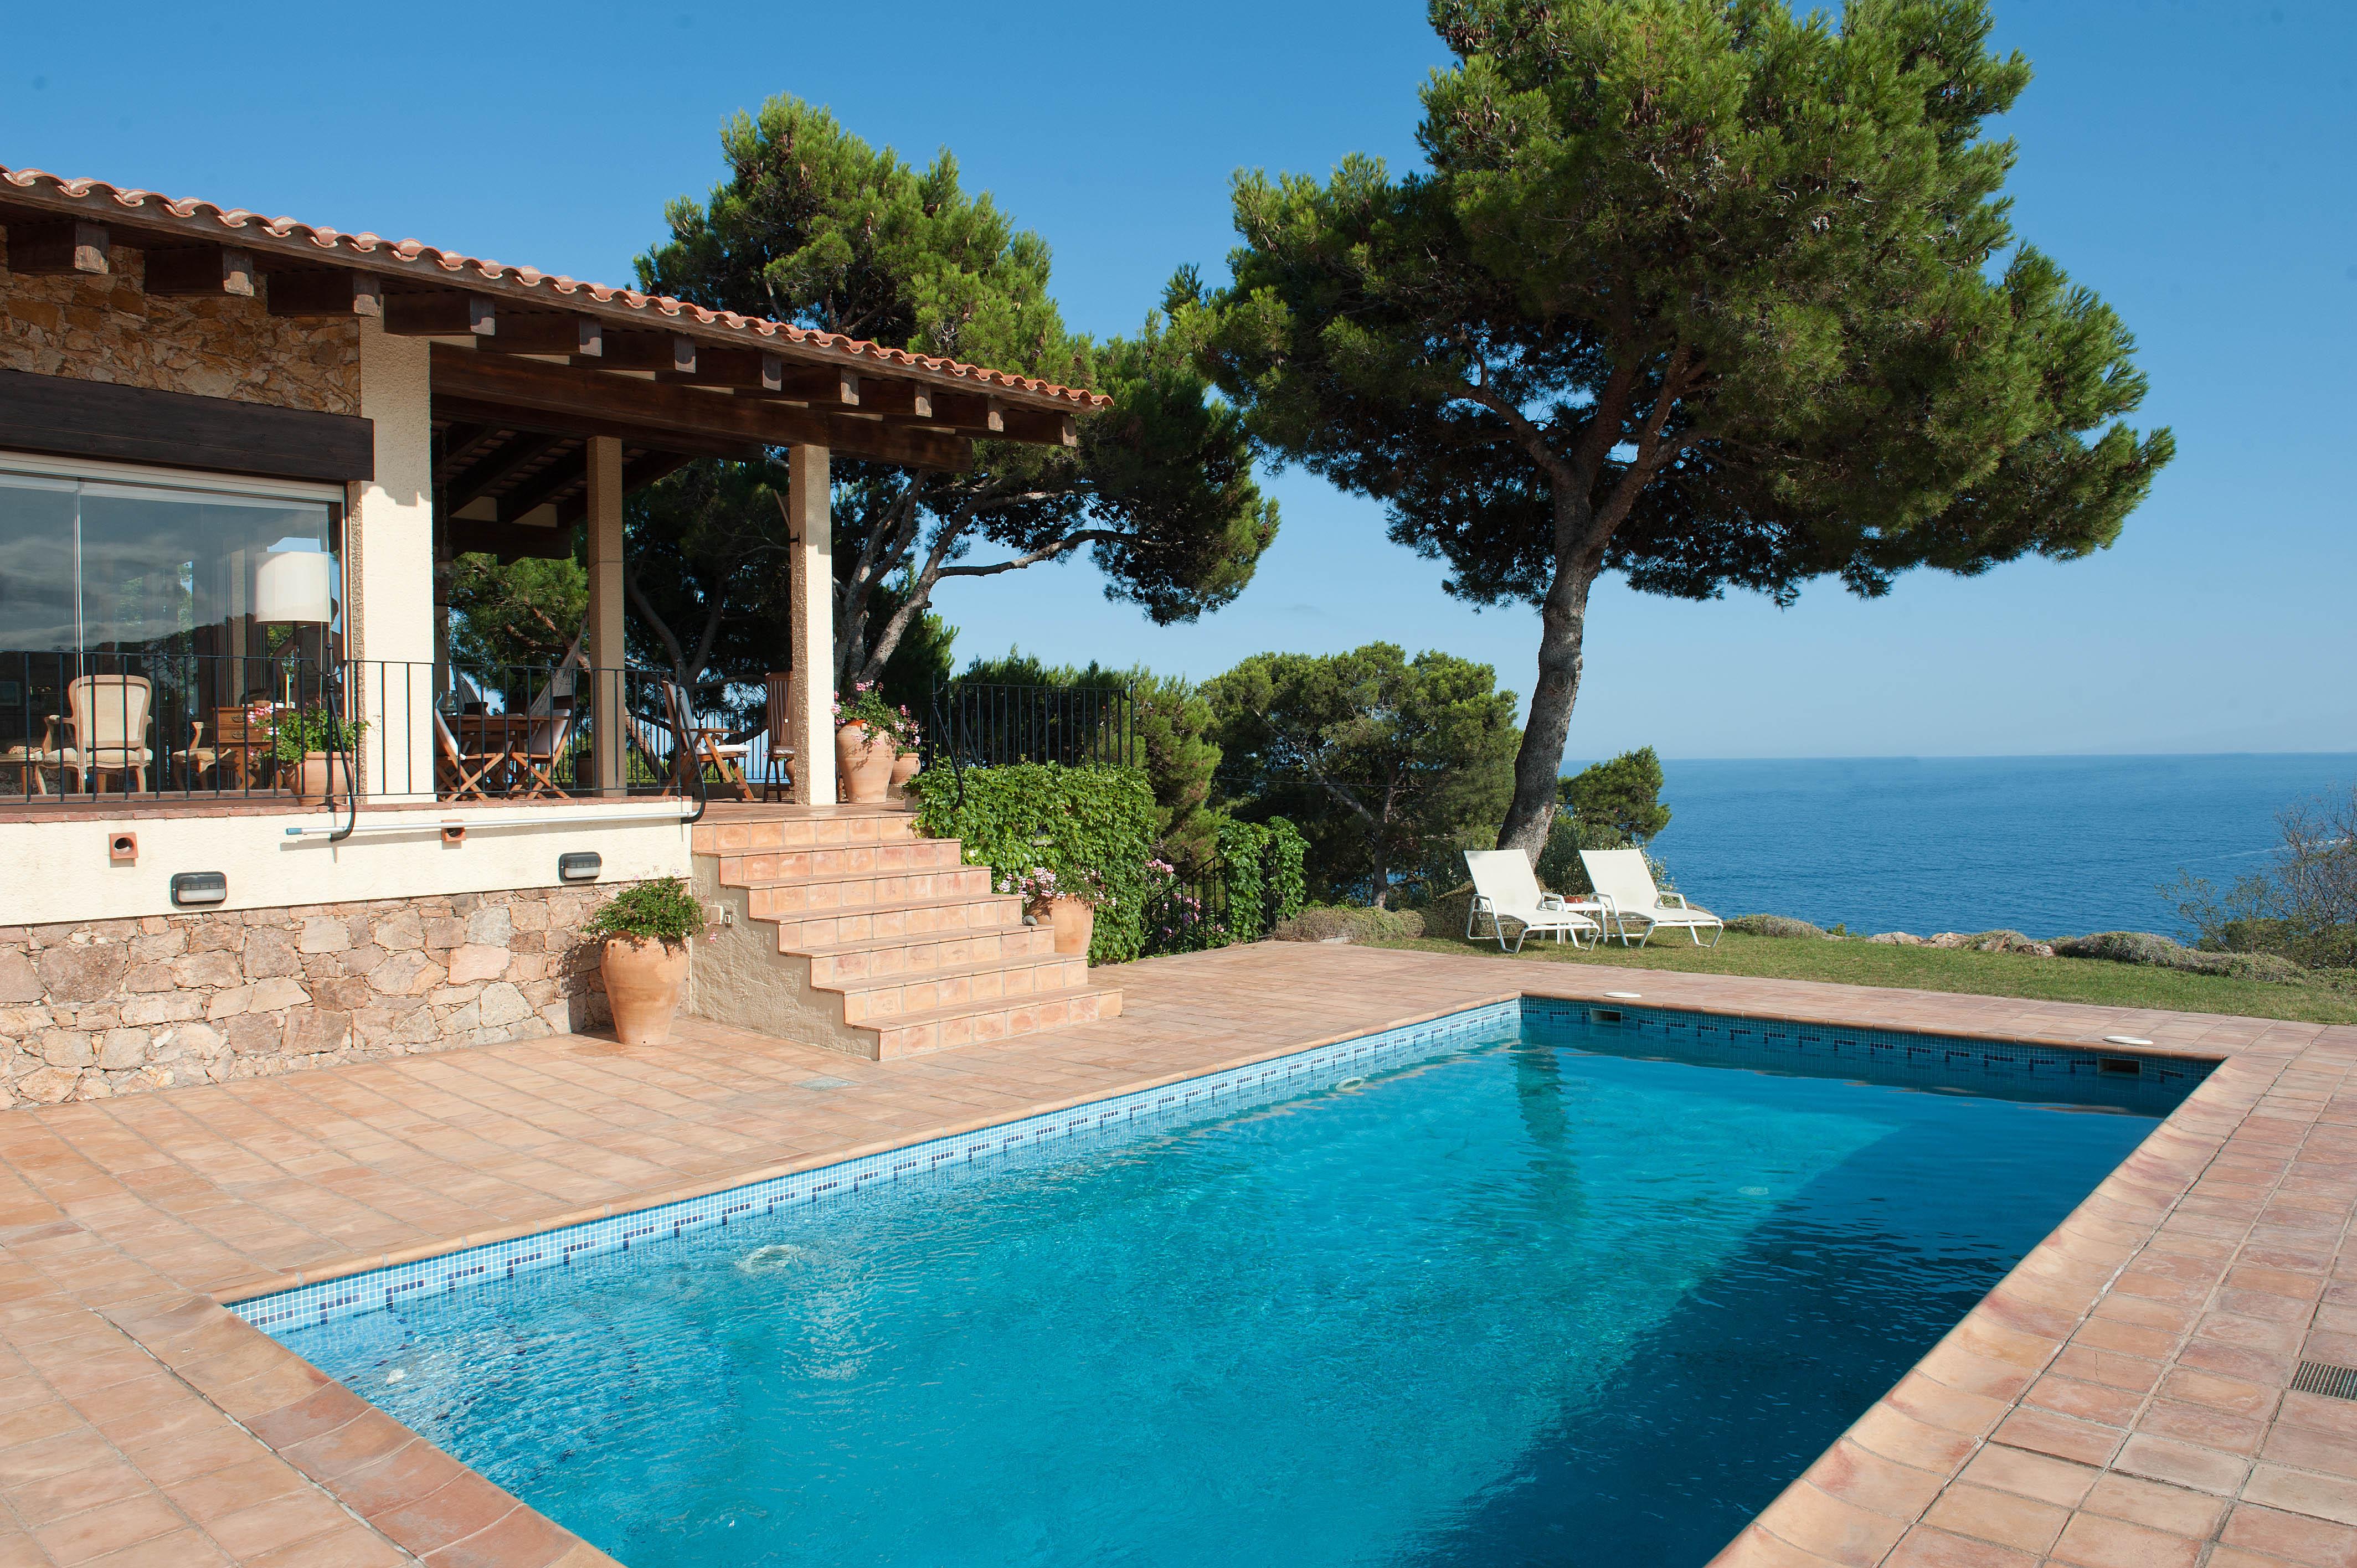 Einfamilienhaus für Verkauf beim House in Tamariu with beautiful views on a unique plot Tamariu, Costa Brava 17212 Spanien